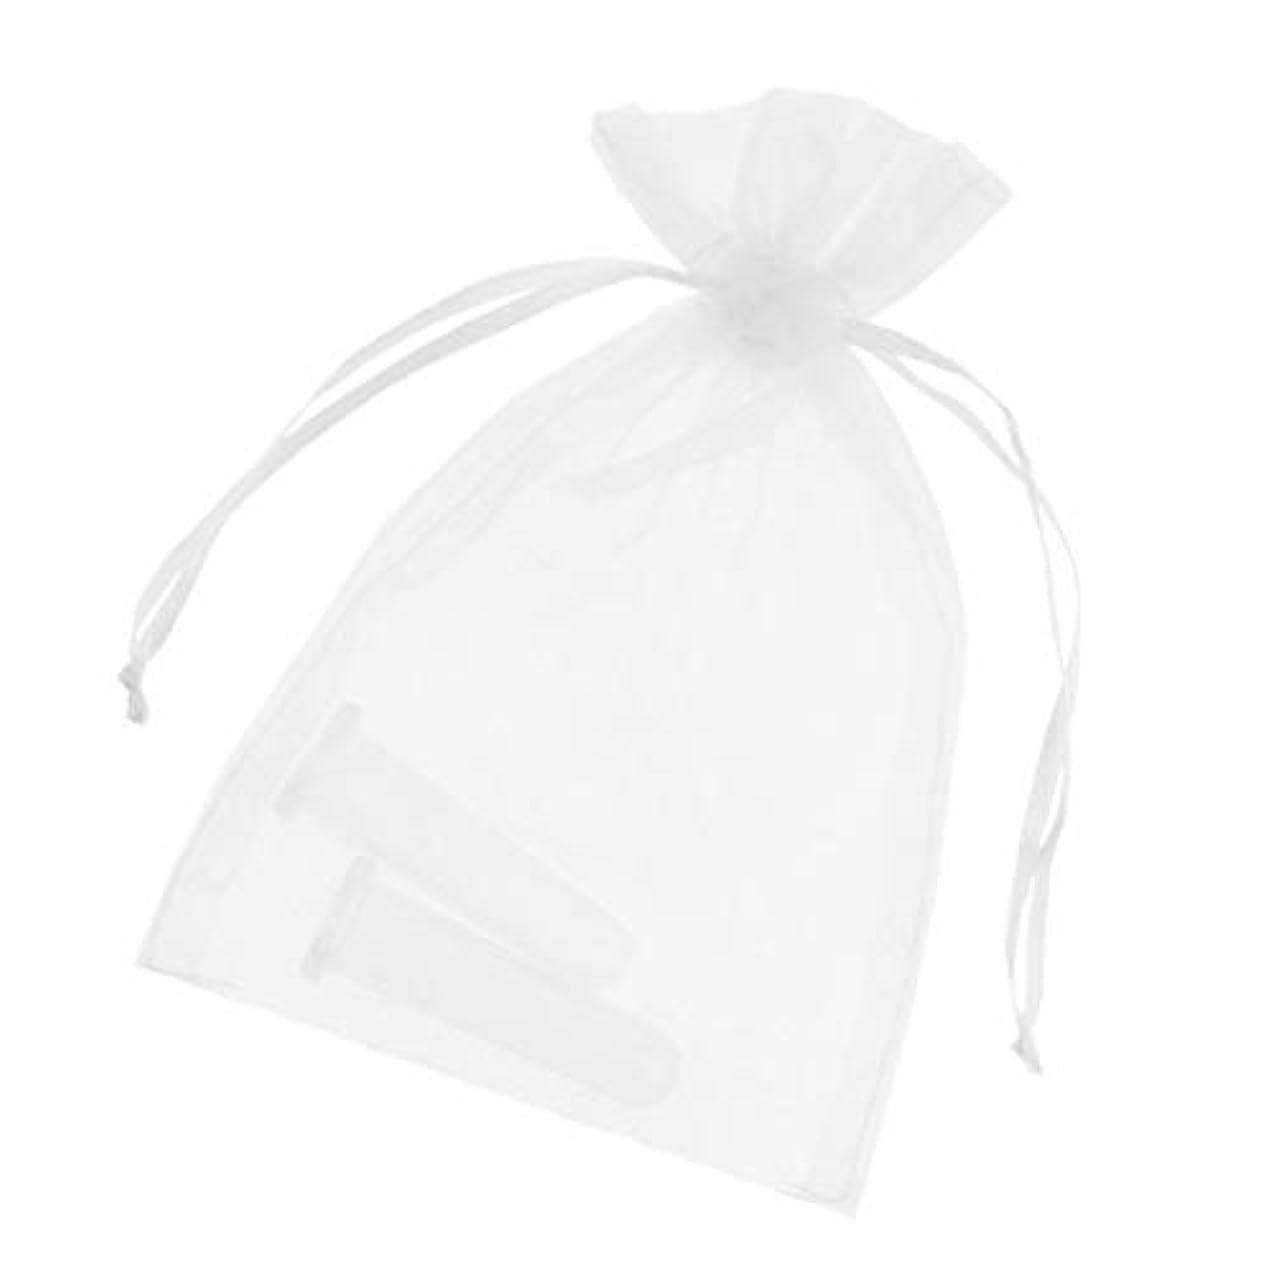 ご飯おかしいラックBaoblaze シリコンカッピング吸い玉 真空カッピング デトックス マッサージカップ 収納ポーチ付き顔用2個全2色 - ホワイト